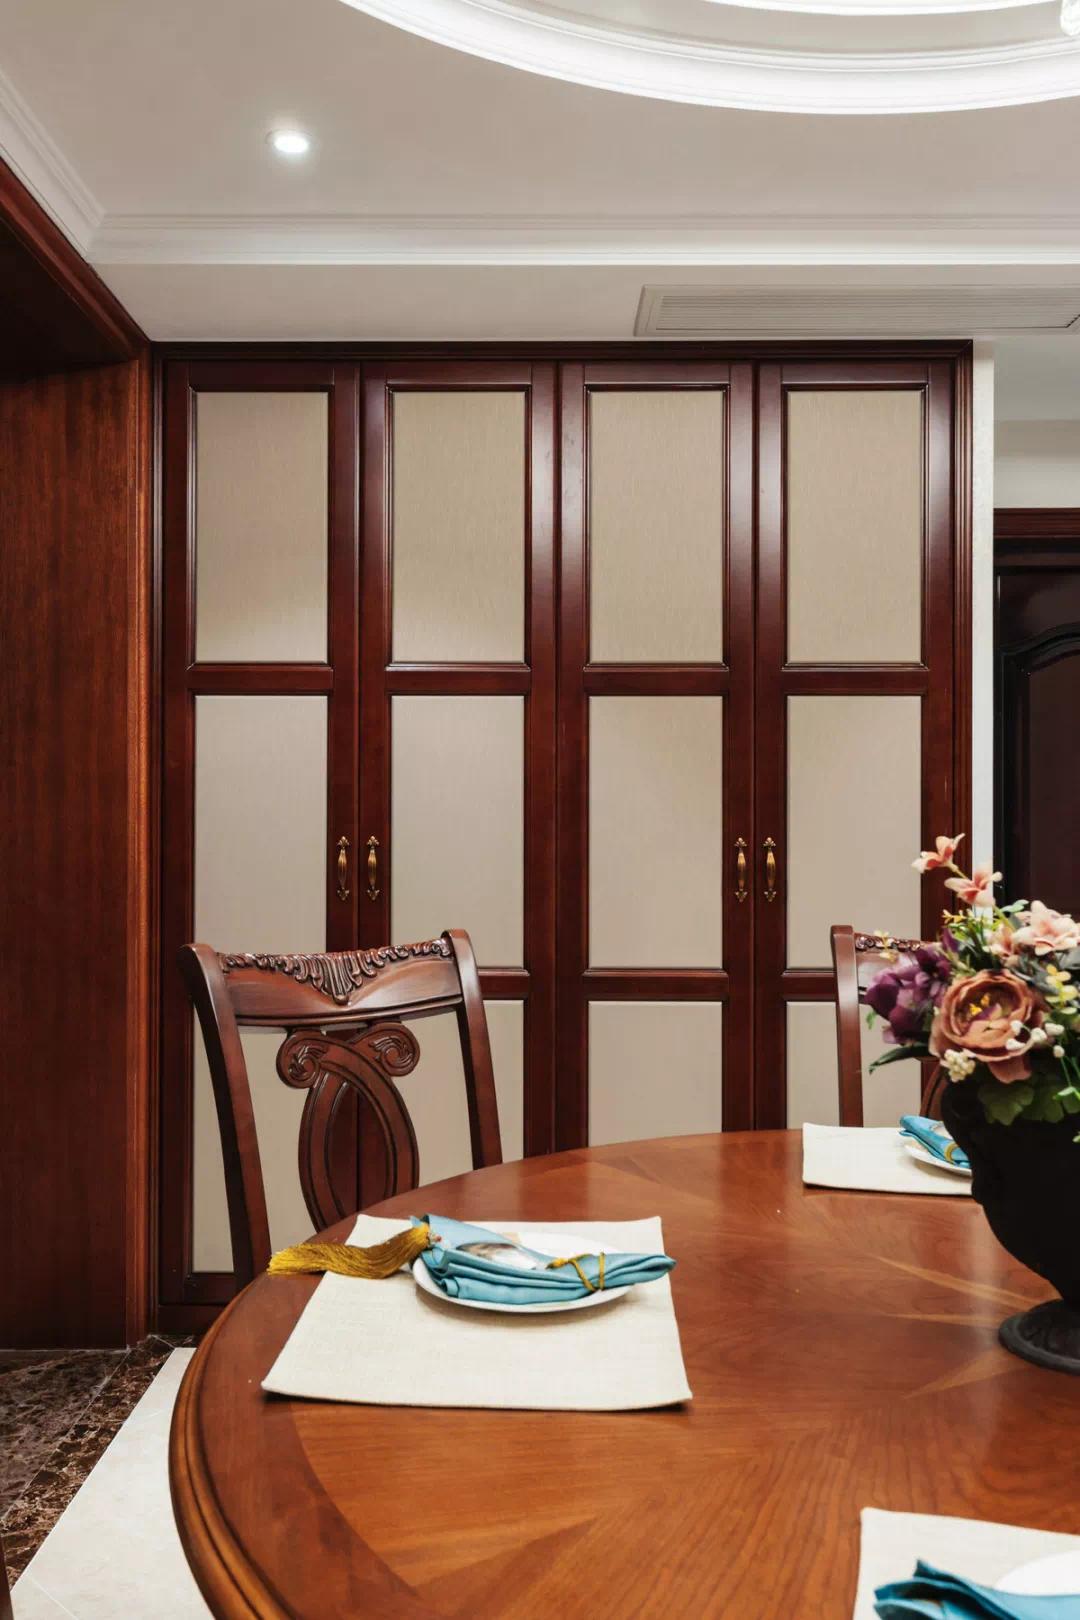 新中式轻奢风格经典设计:一扇门,两个世界,两种生活, 新中式 装修 第7张